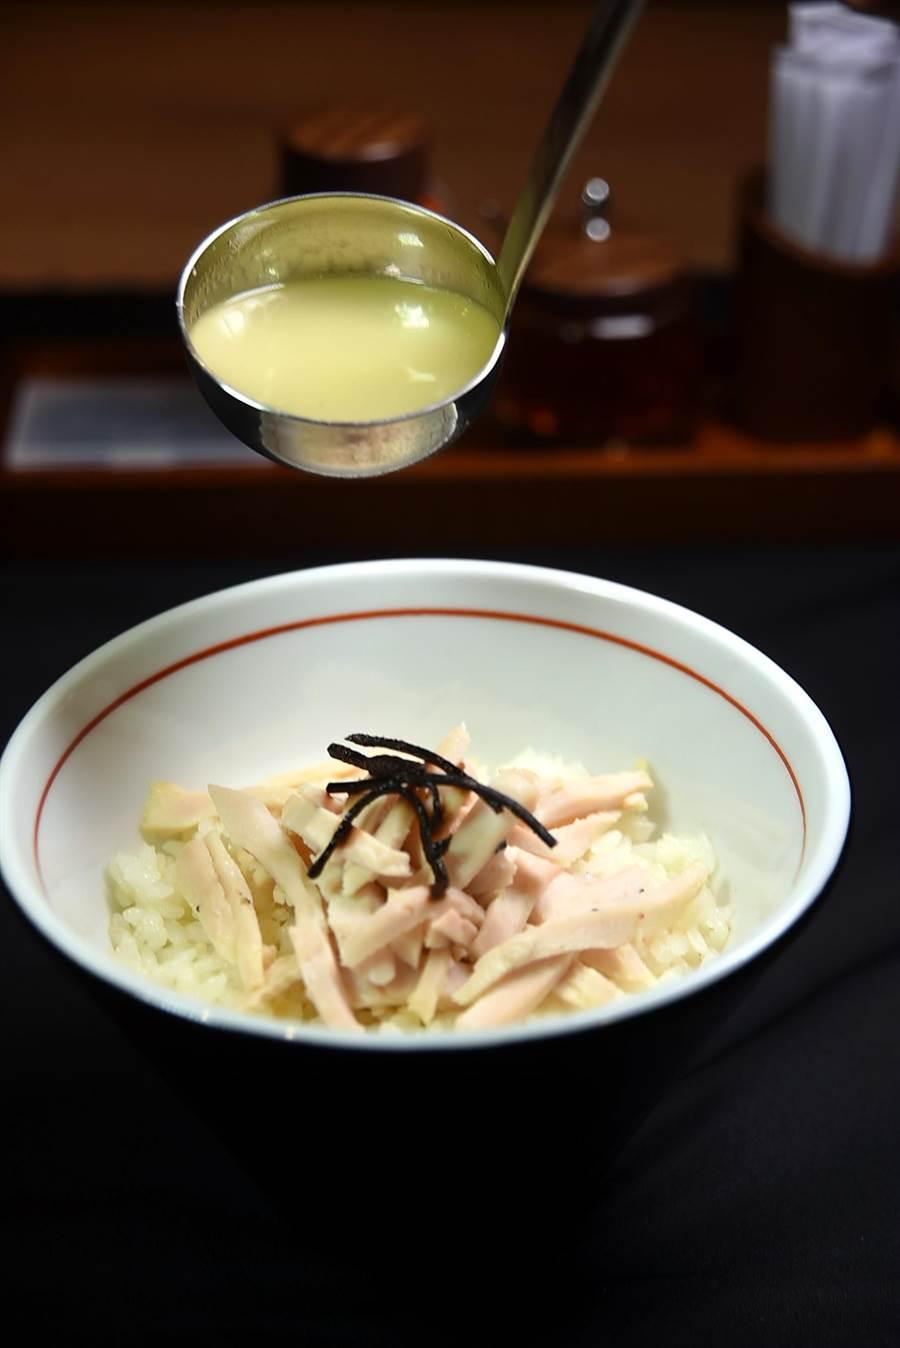 〈東京雞飯〉類似〈雞肉茶泡飯〉,是大量雞骨和雞瓜熬製的雞湯,味道香濃醇厚。(圖/姚舜攝)